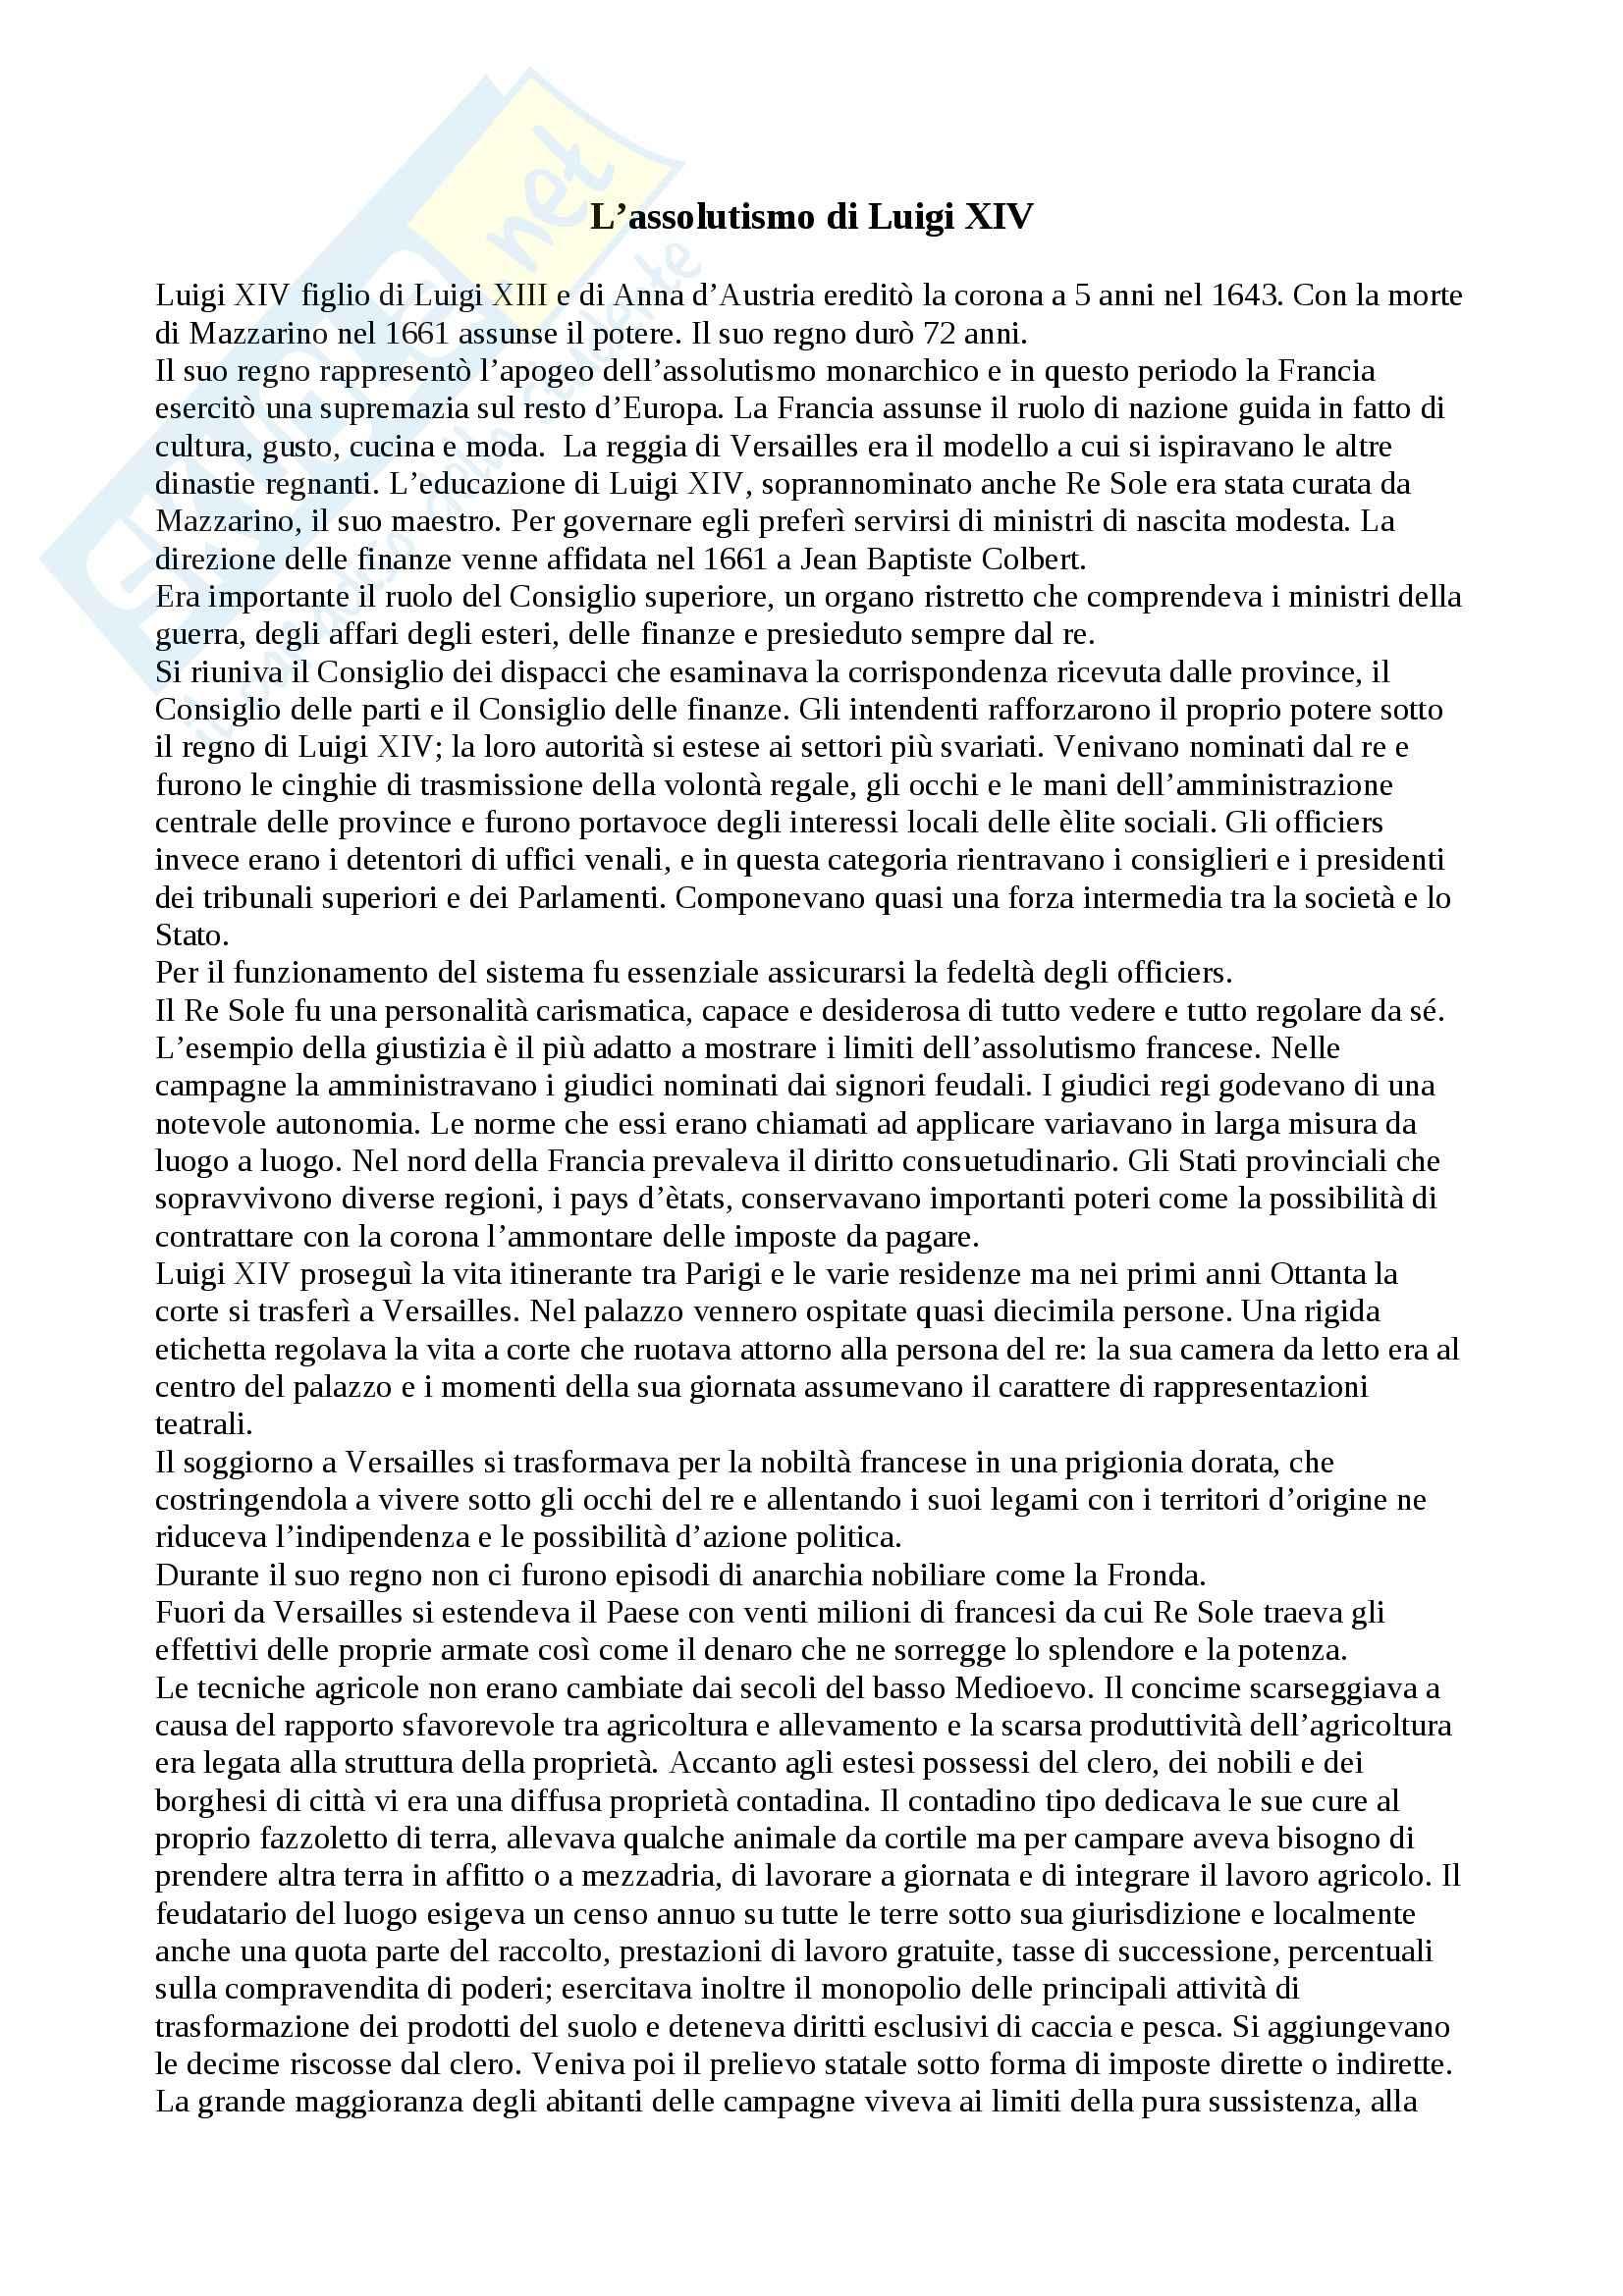 Storia moderna - assolutismo di Luigi XIV